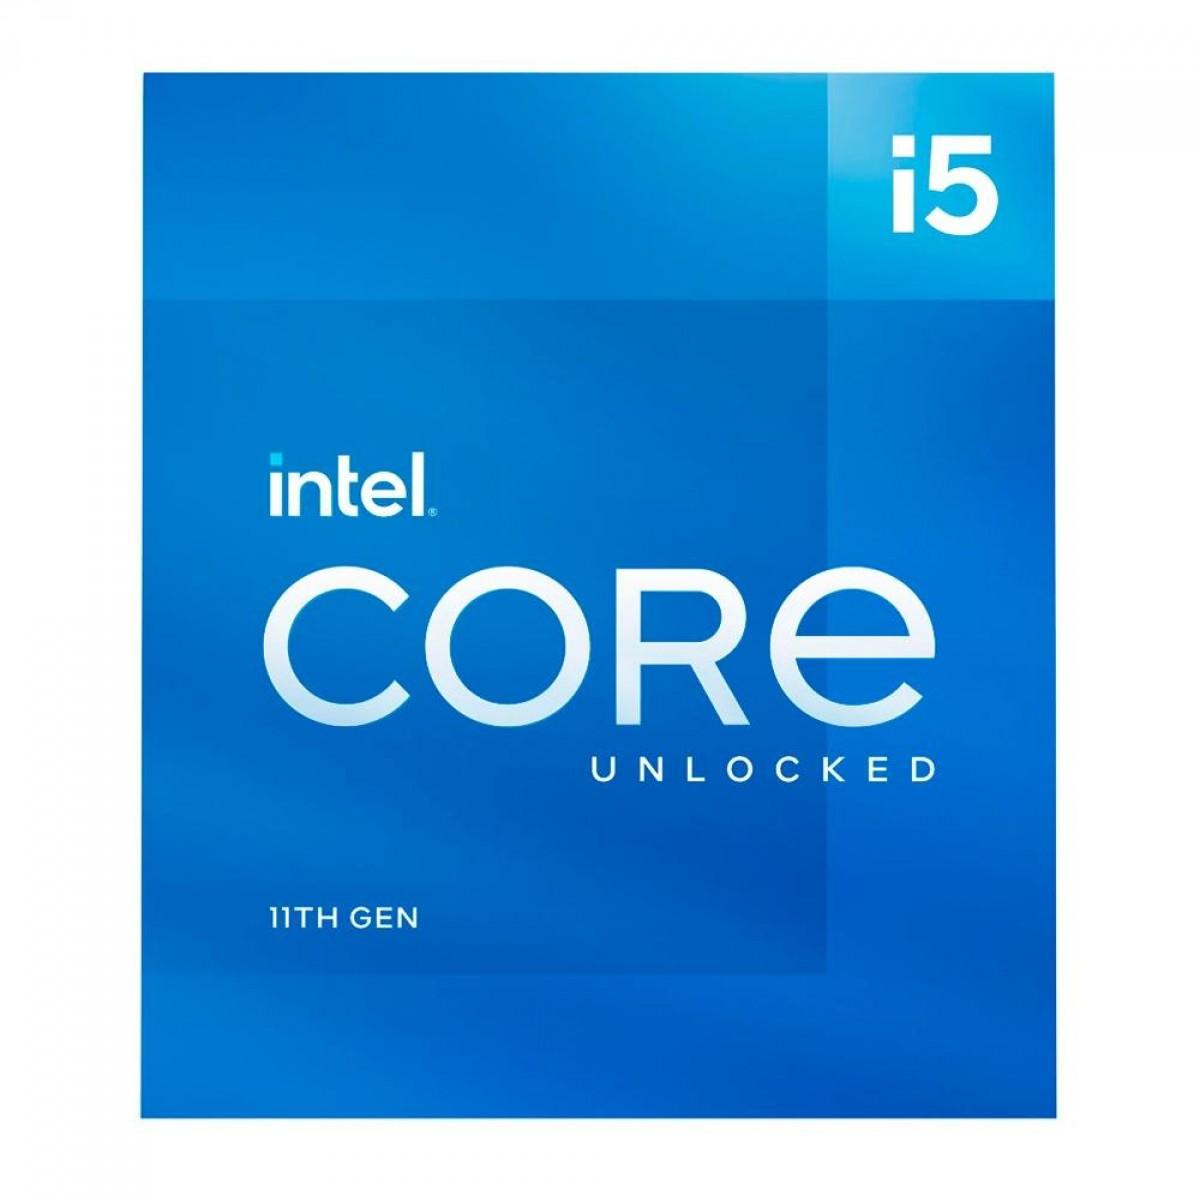 Processador Intel Core i5 11600K 3.9GHz (5.0GHz Turbo), 11ª Geração, 6-Cores 12-Threads, LGA 1200, BX8070811600K